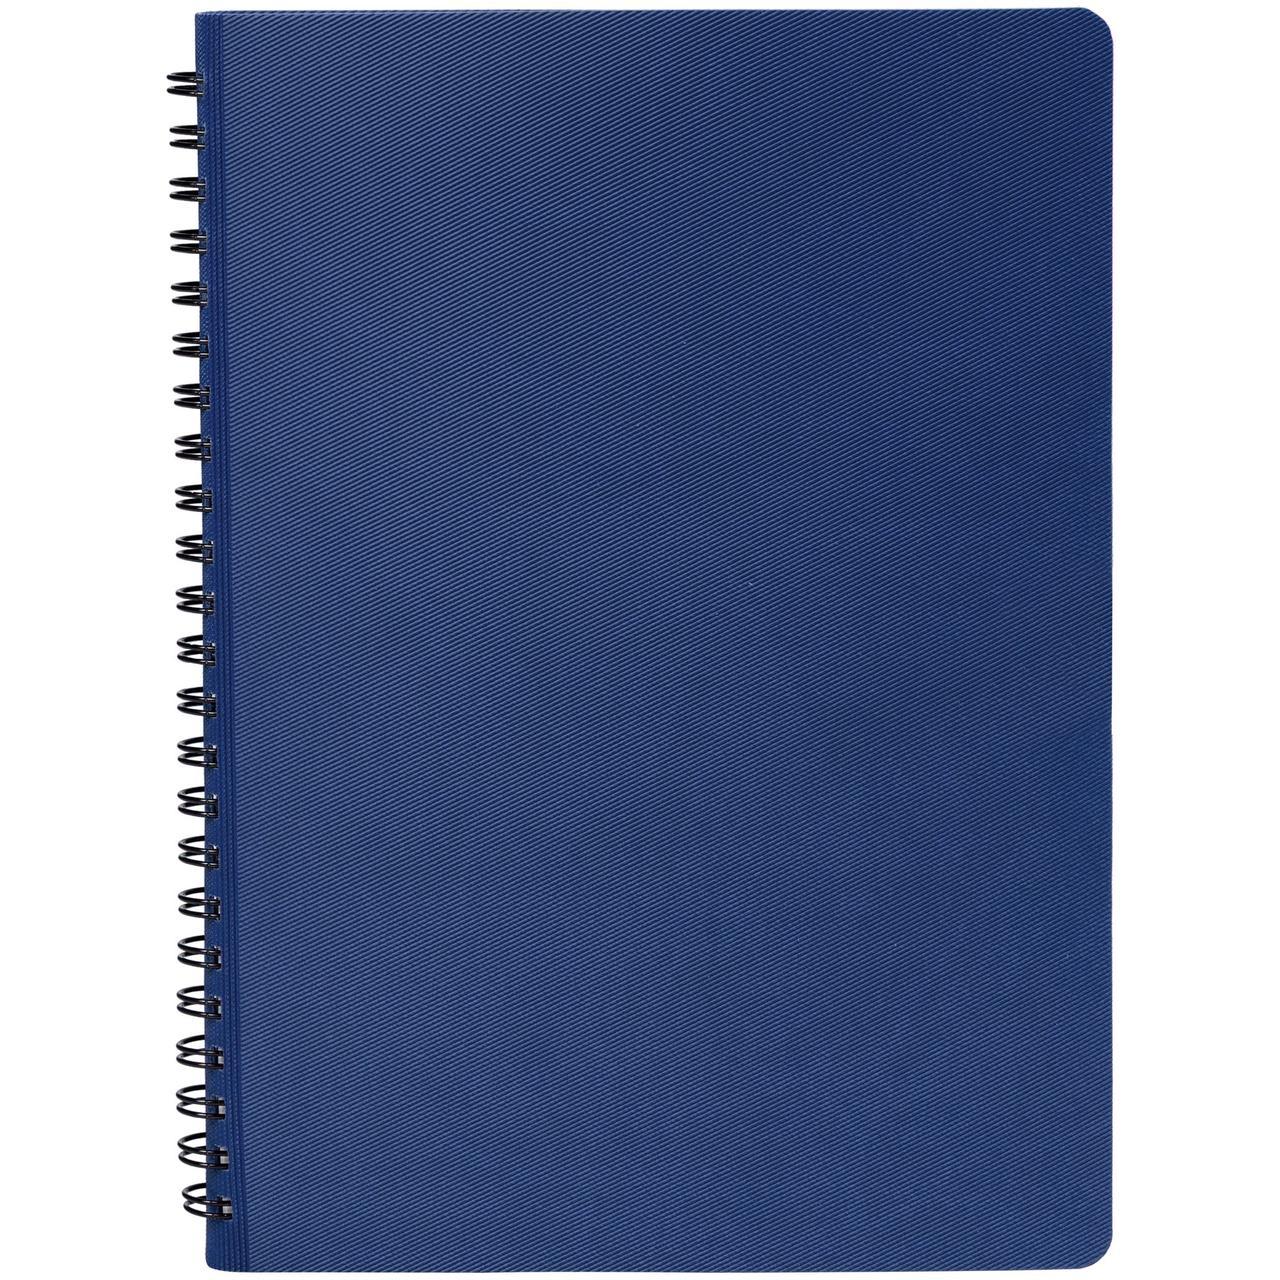 Ежедневник Twill, недатированный, синий (артикул 11862.44)